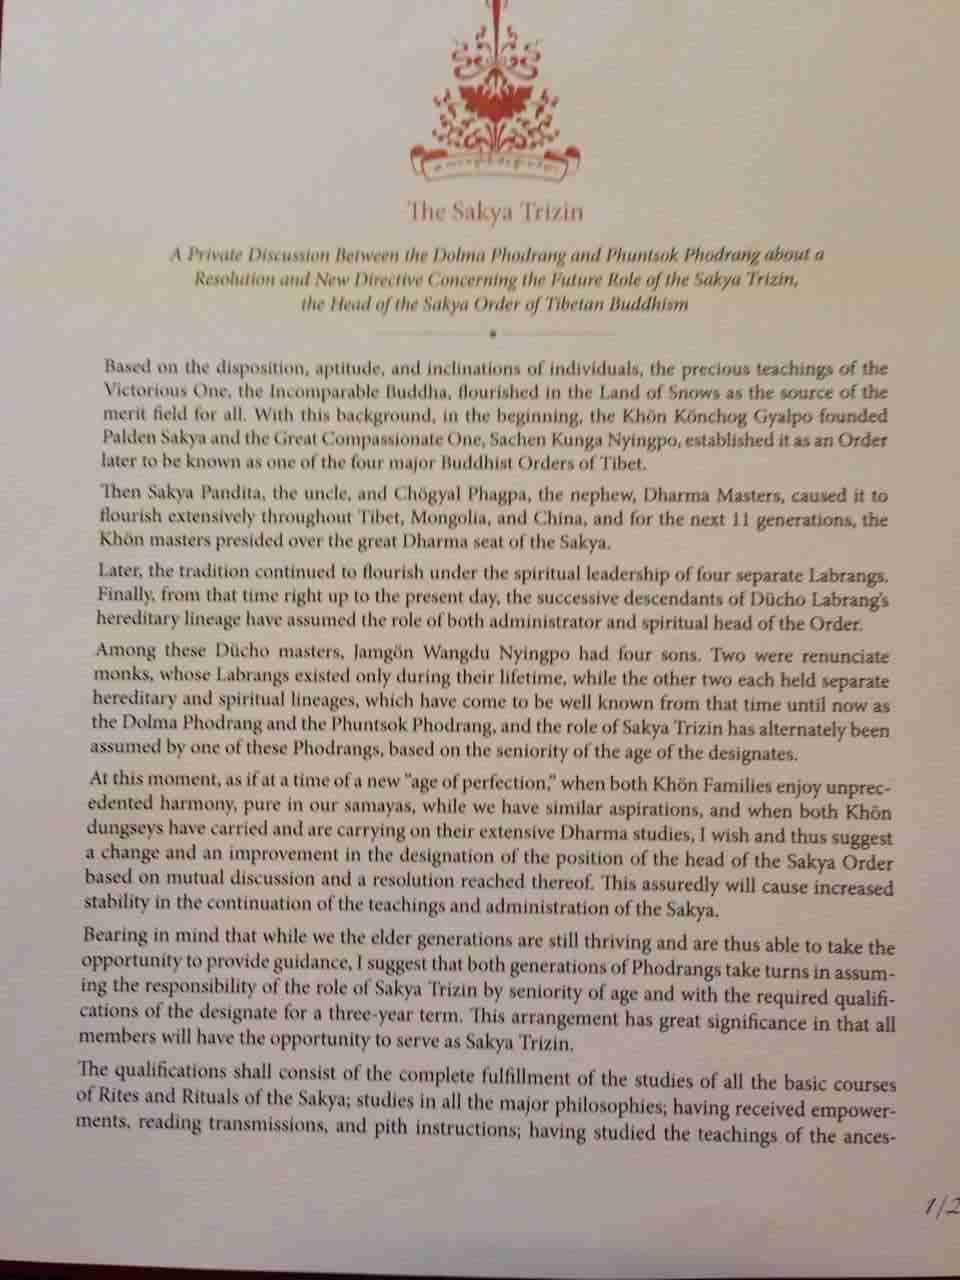 薩迦度母宮與圓滿宮之間關於新任薩迦法王繼承方式的討論以及解決方案